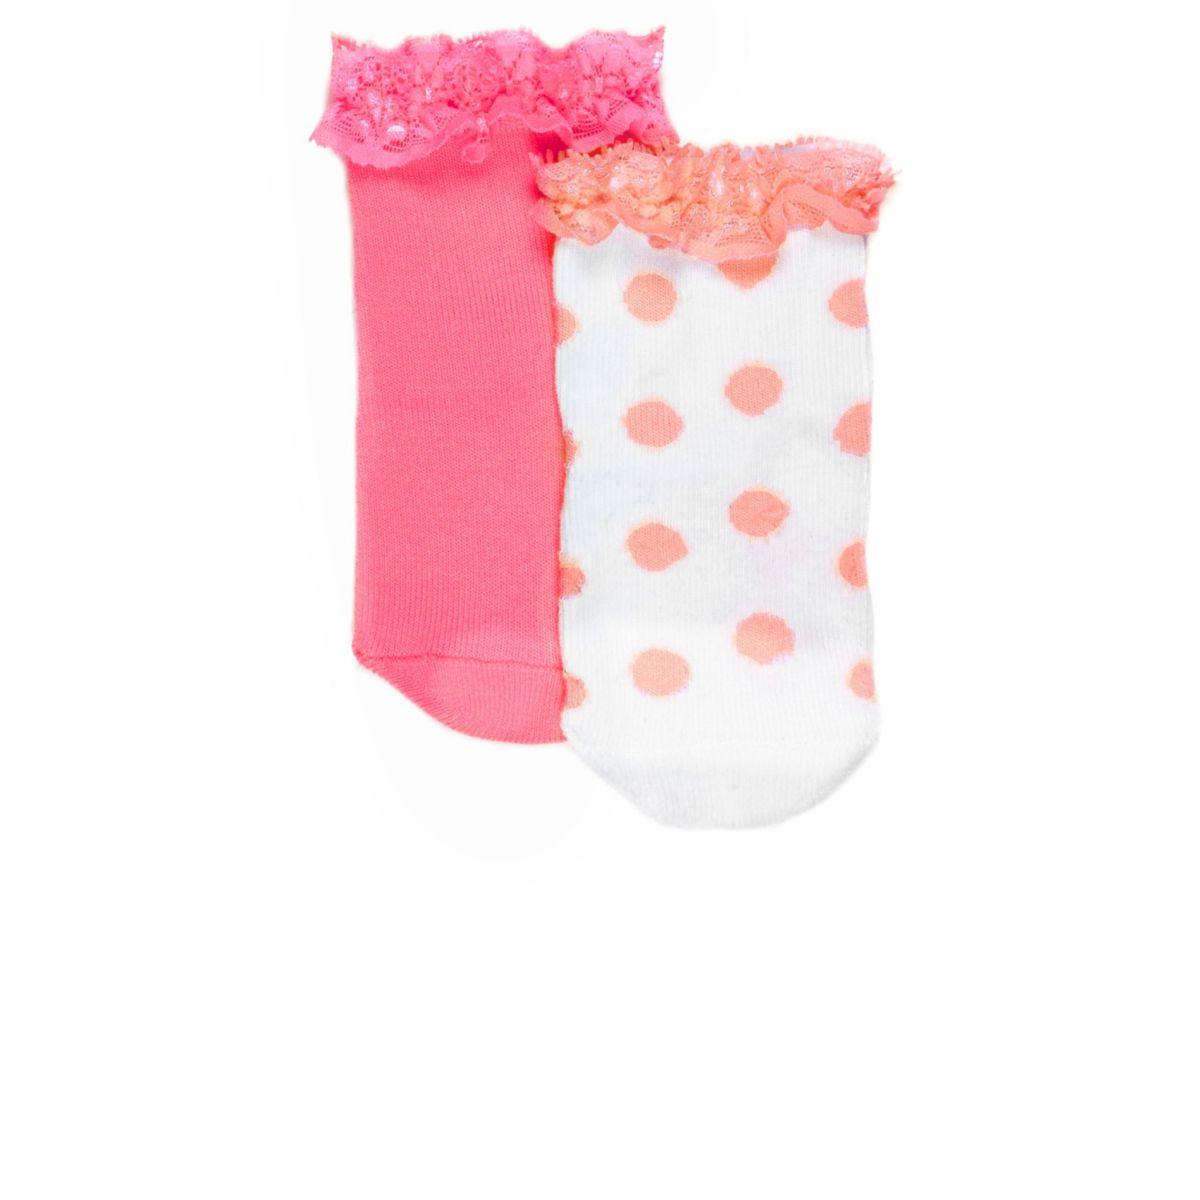 Socken im Set in Neon-Koralle